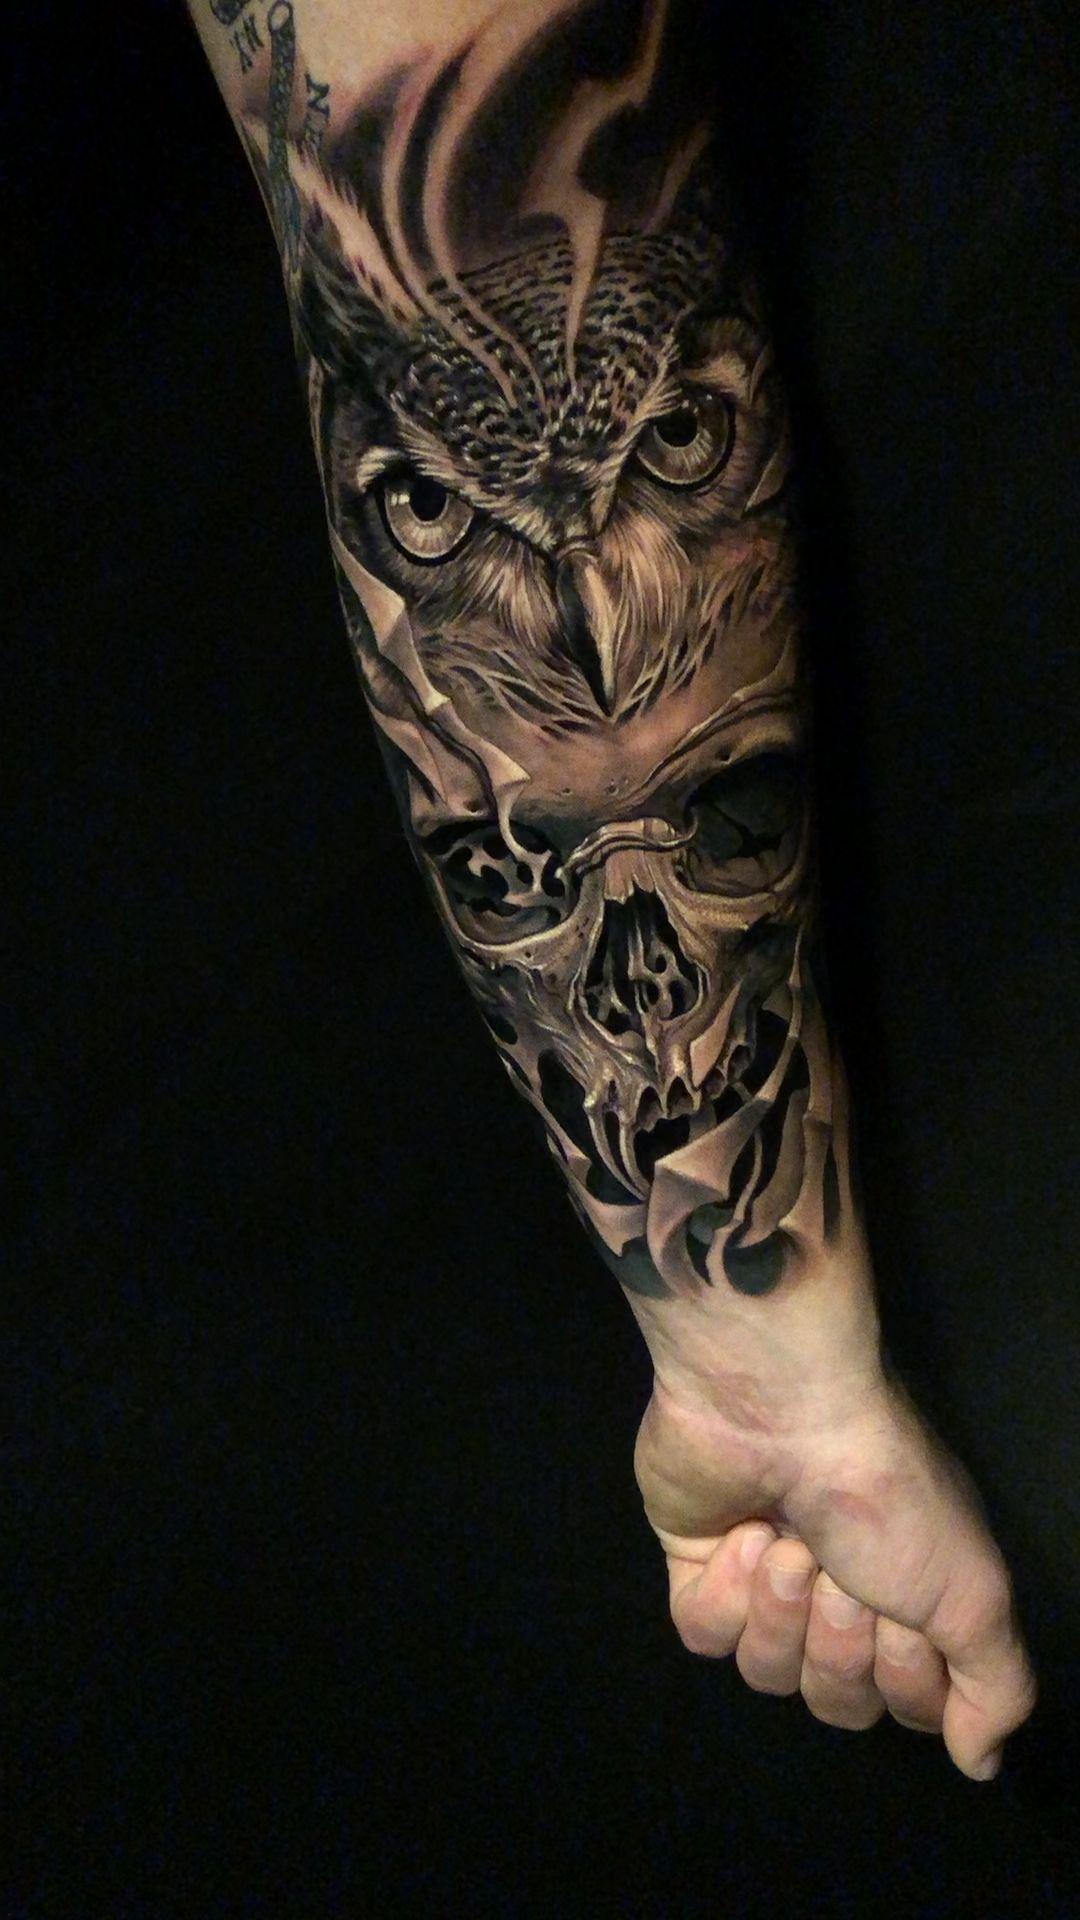 Tattoo Tattoo Shop Near Me Tattoos Fayetteville Nc Joanzunigatattoo In 2020 Cool Forearm Tattoos Forearm Tattoo Men Tattoos